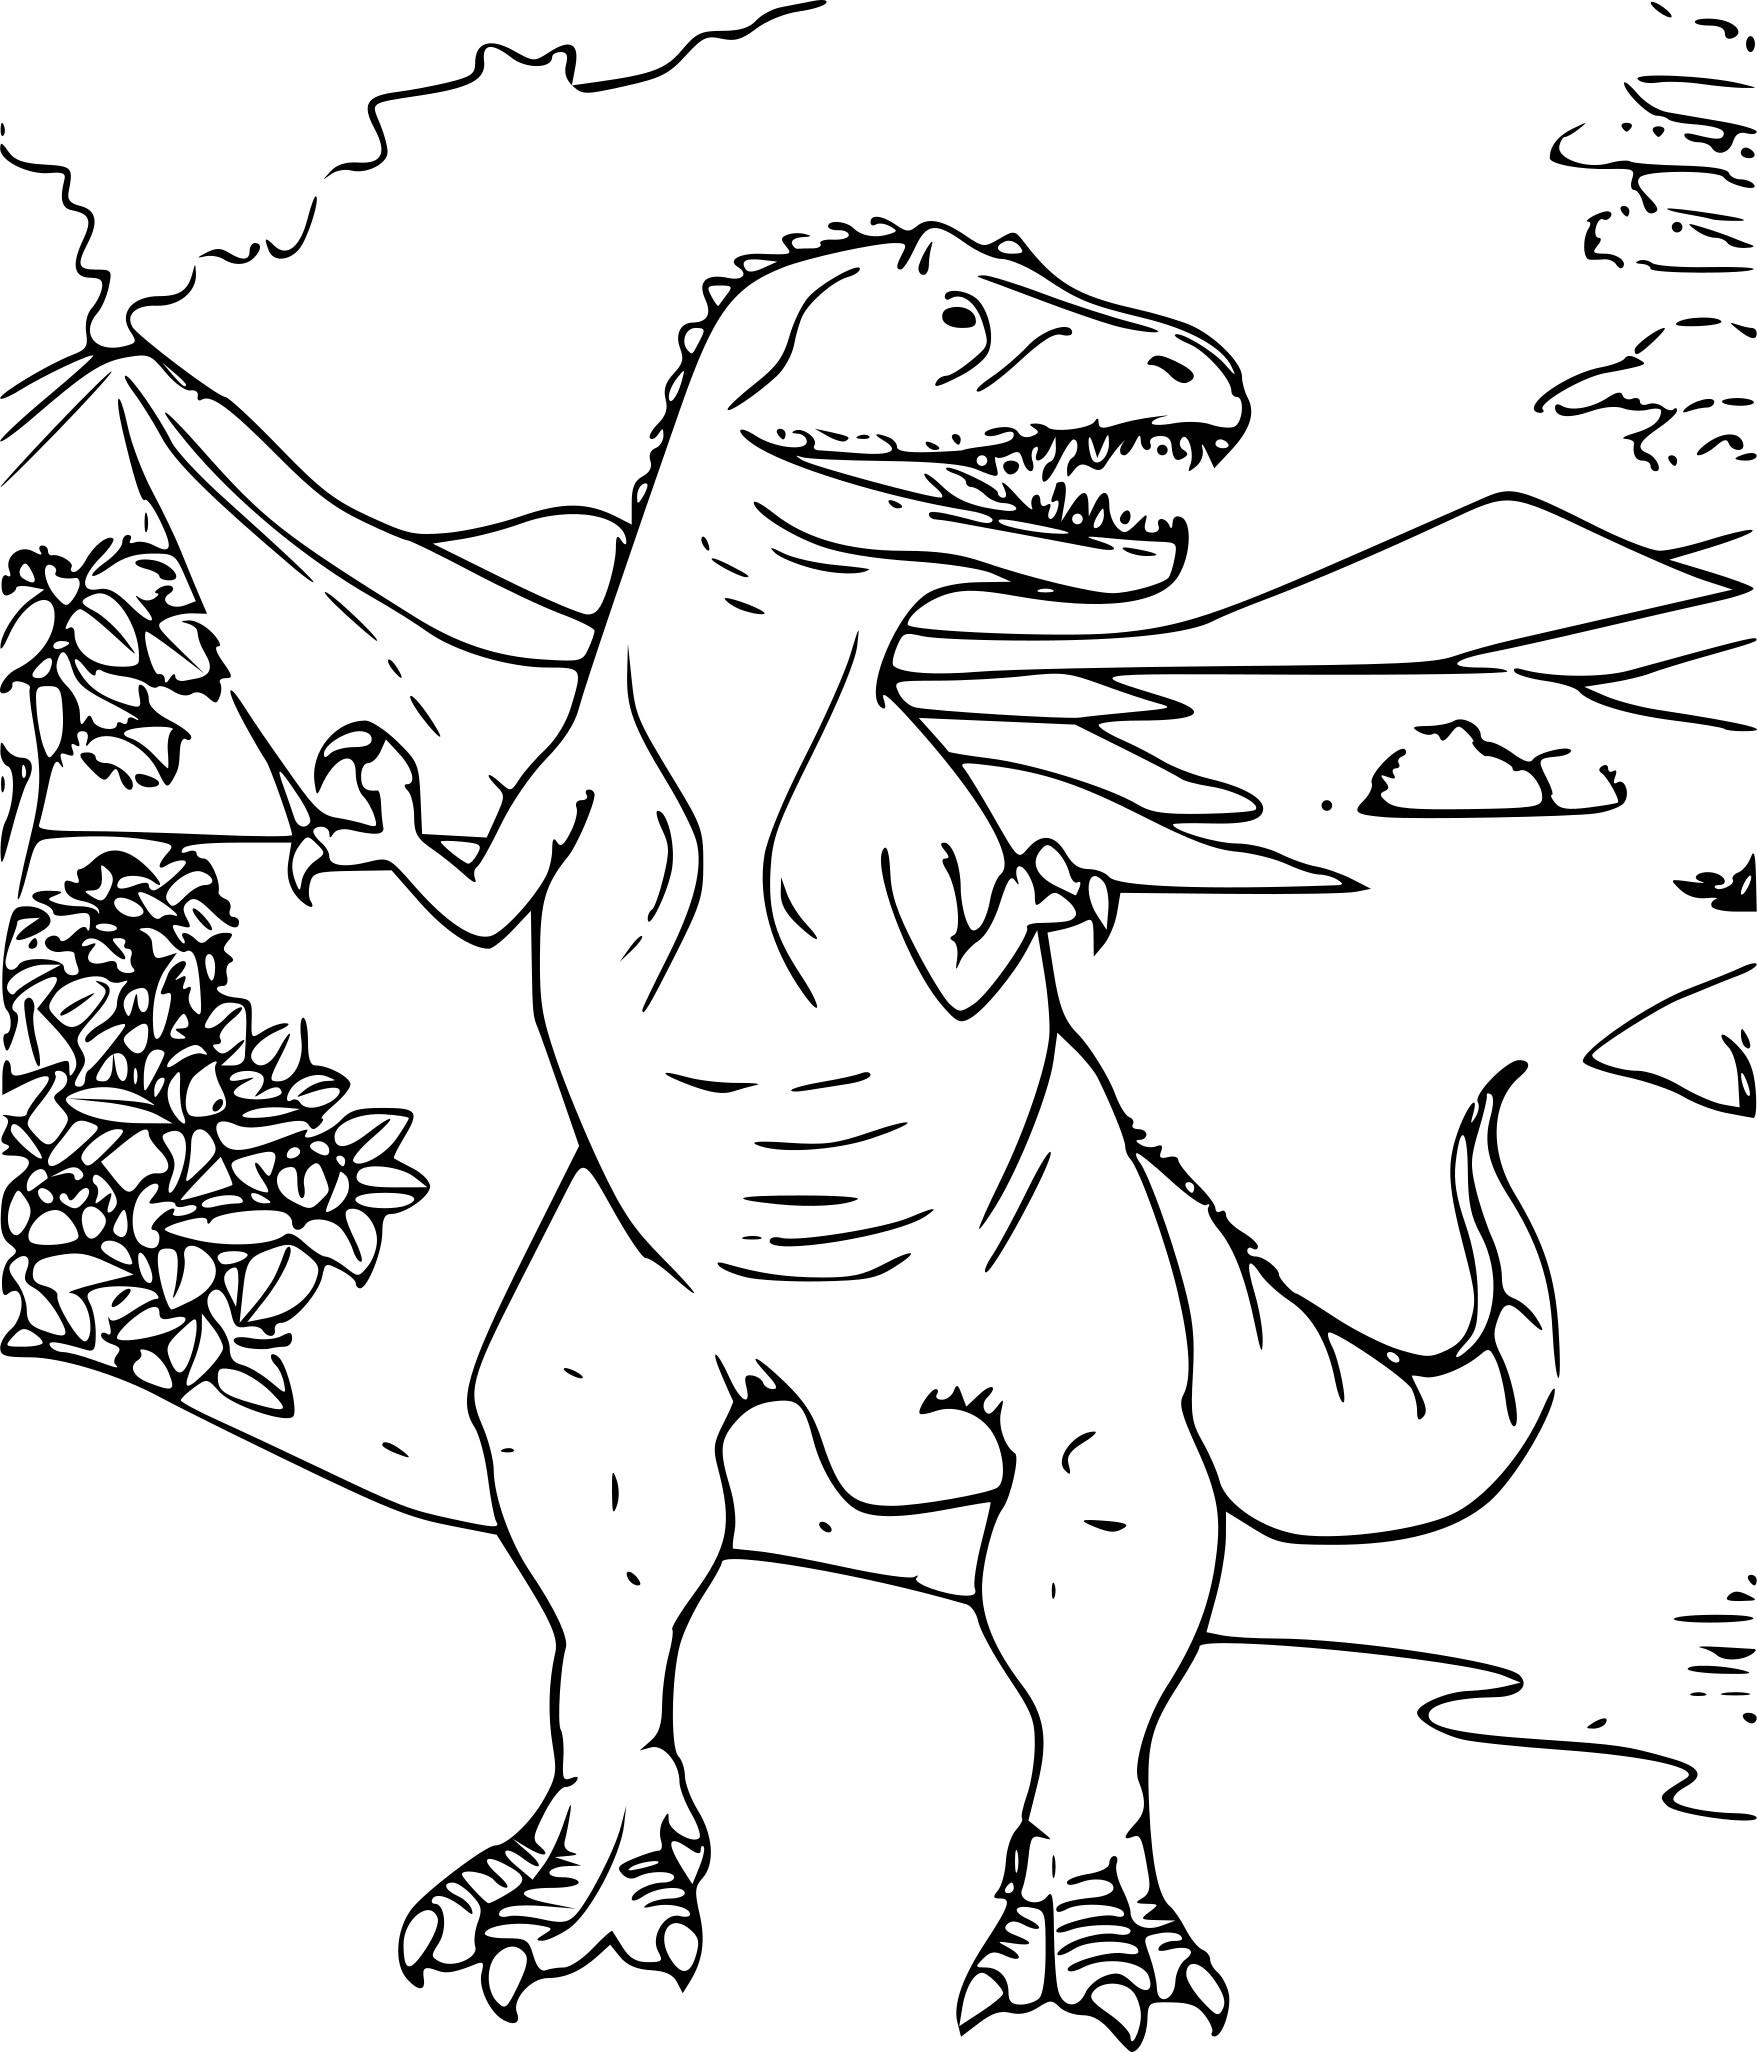 Coloriage Dinosaure Tyrannosaure À Imprimer Sur Coloriages concernant Coloriage Dinosaure